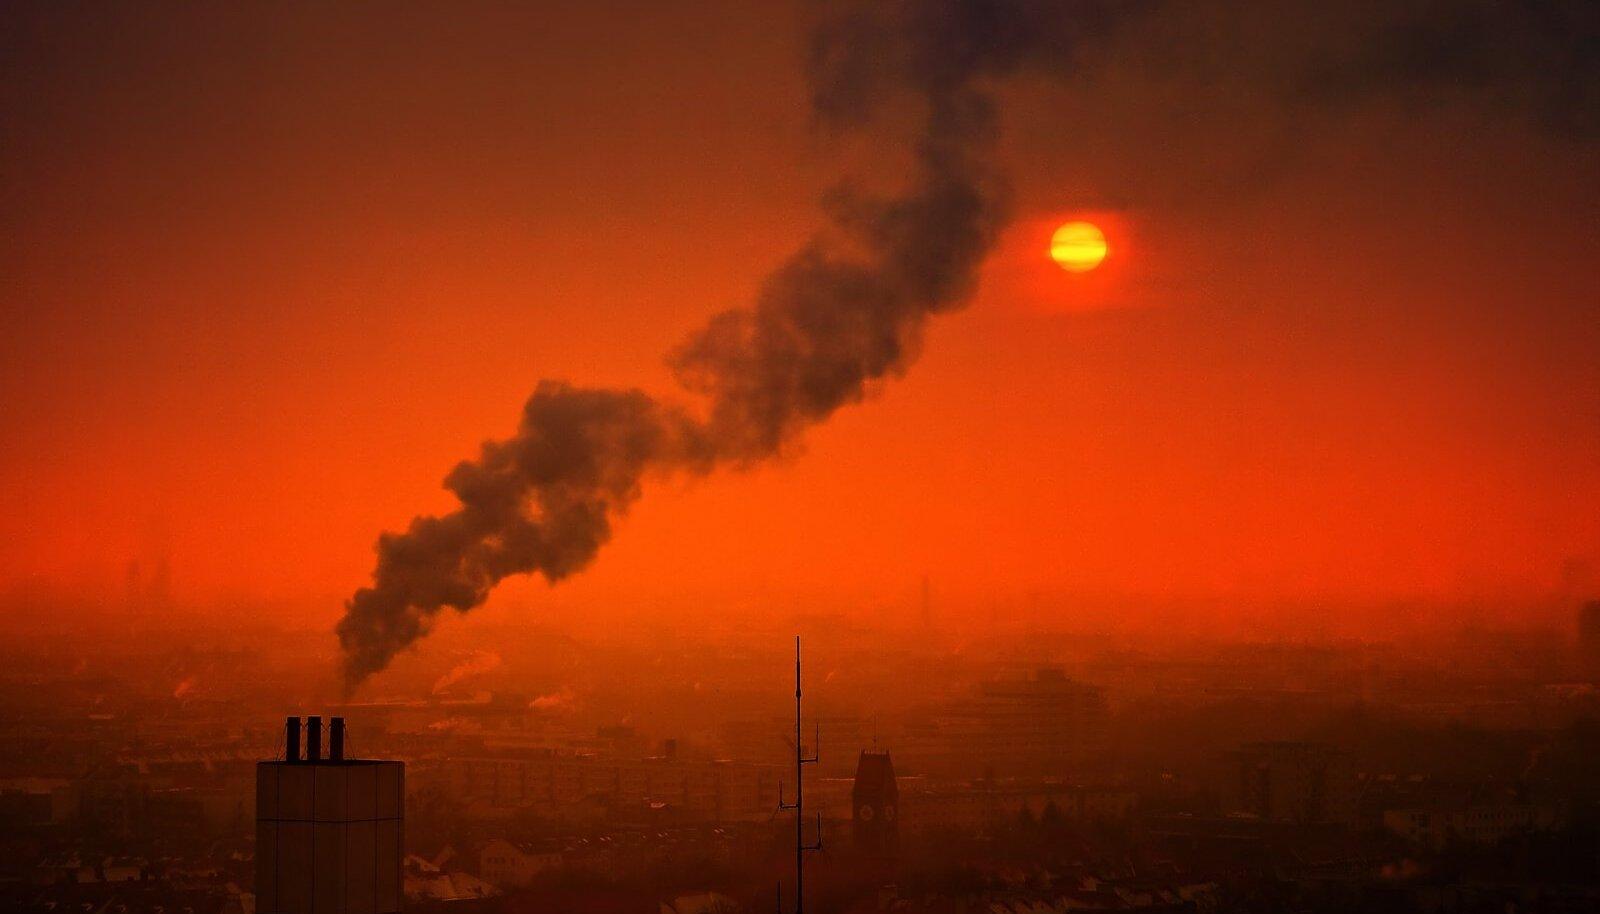 Õhusaaste ja sudu (Foto: Pixabay / jplenio)